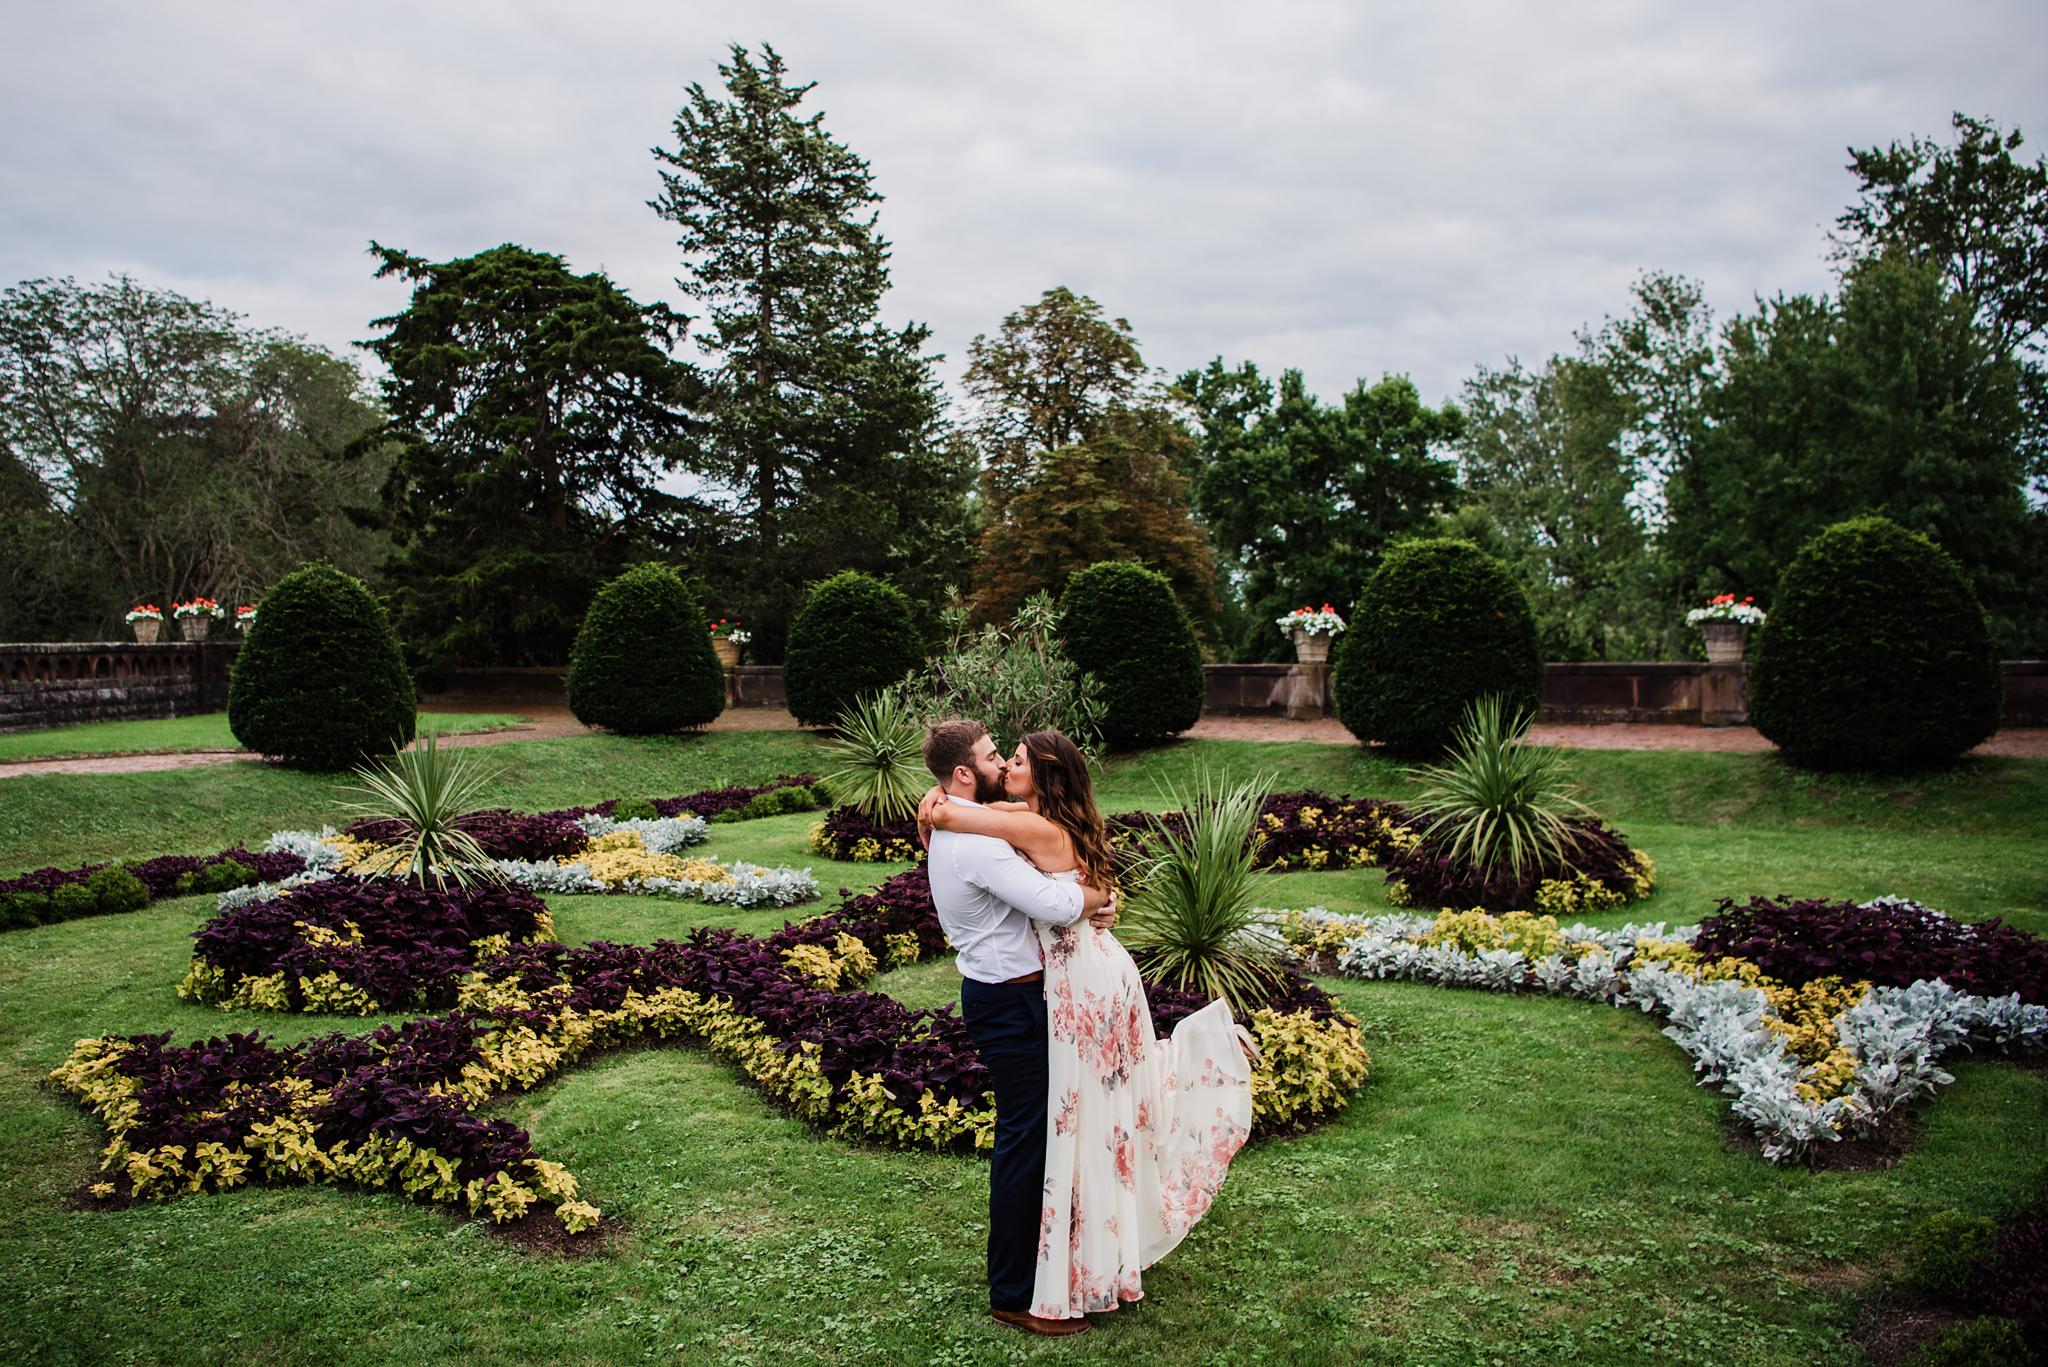 Sonnenberg_Gardens_Finger_Lakes_Engagement_Session_JILL_STUDIO_Rochester_NY_Photographer_DSC_1992.jpg